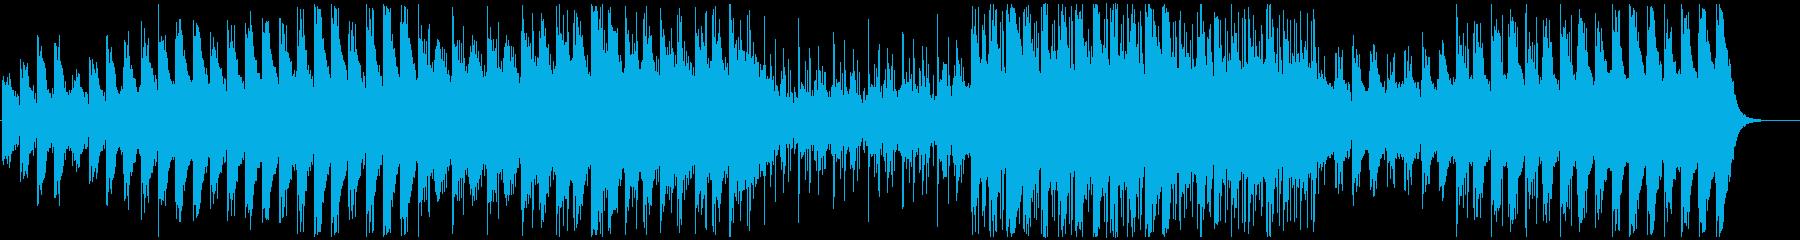 透明感ポストロック-北欧の暮らしの再生済みの波形